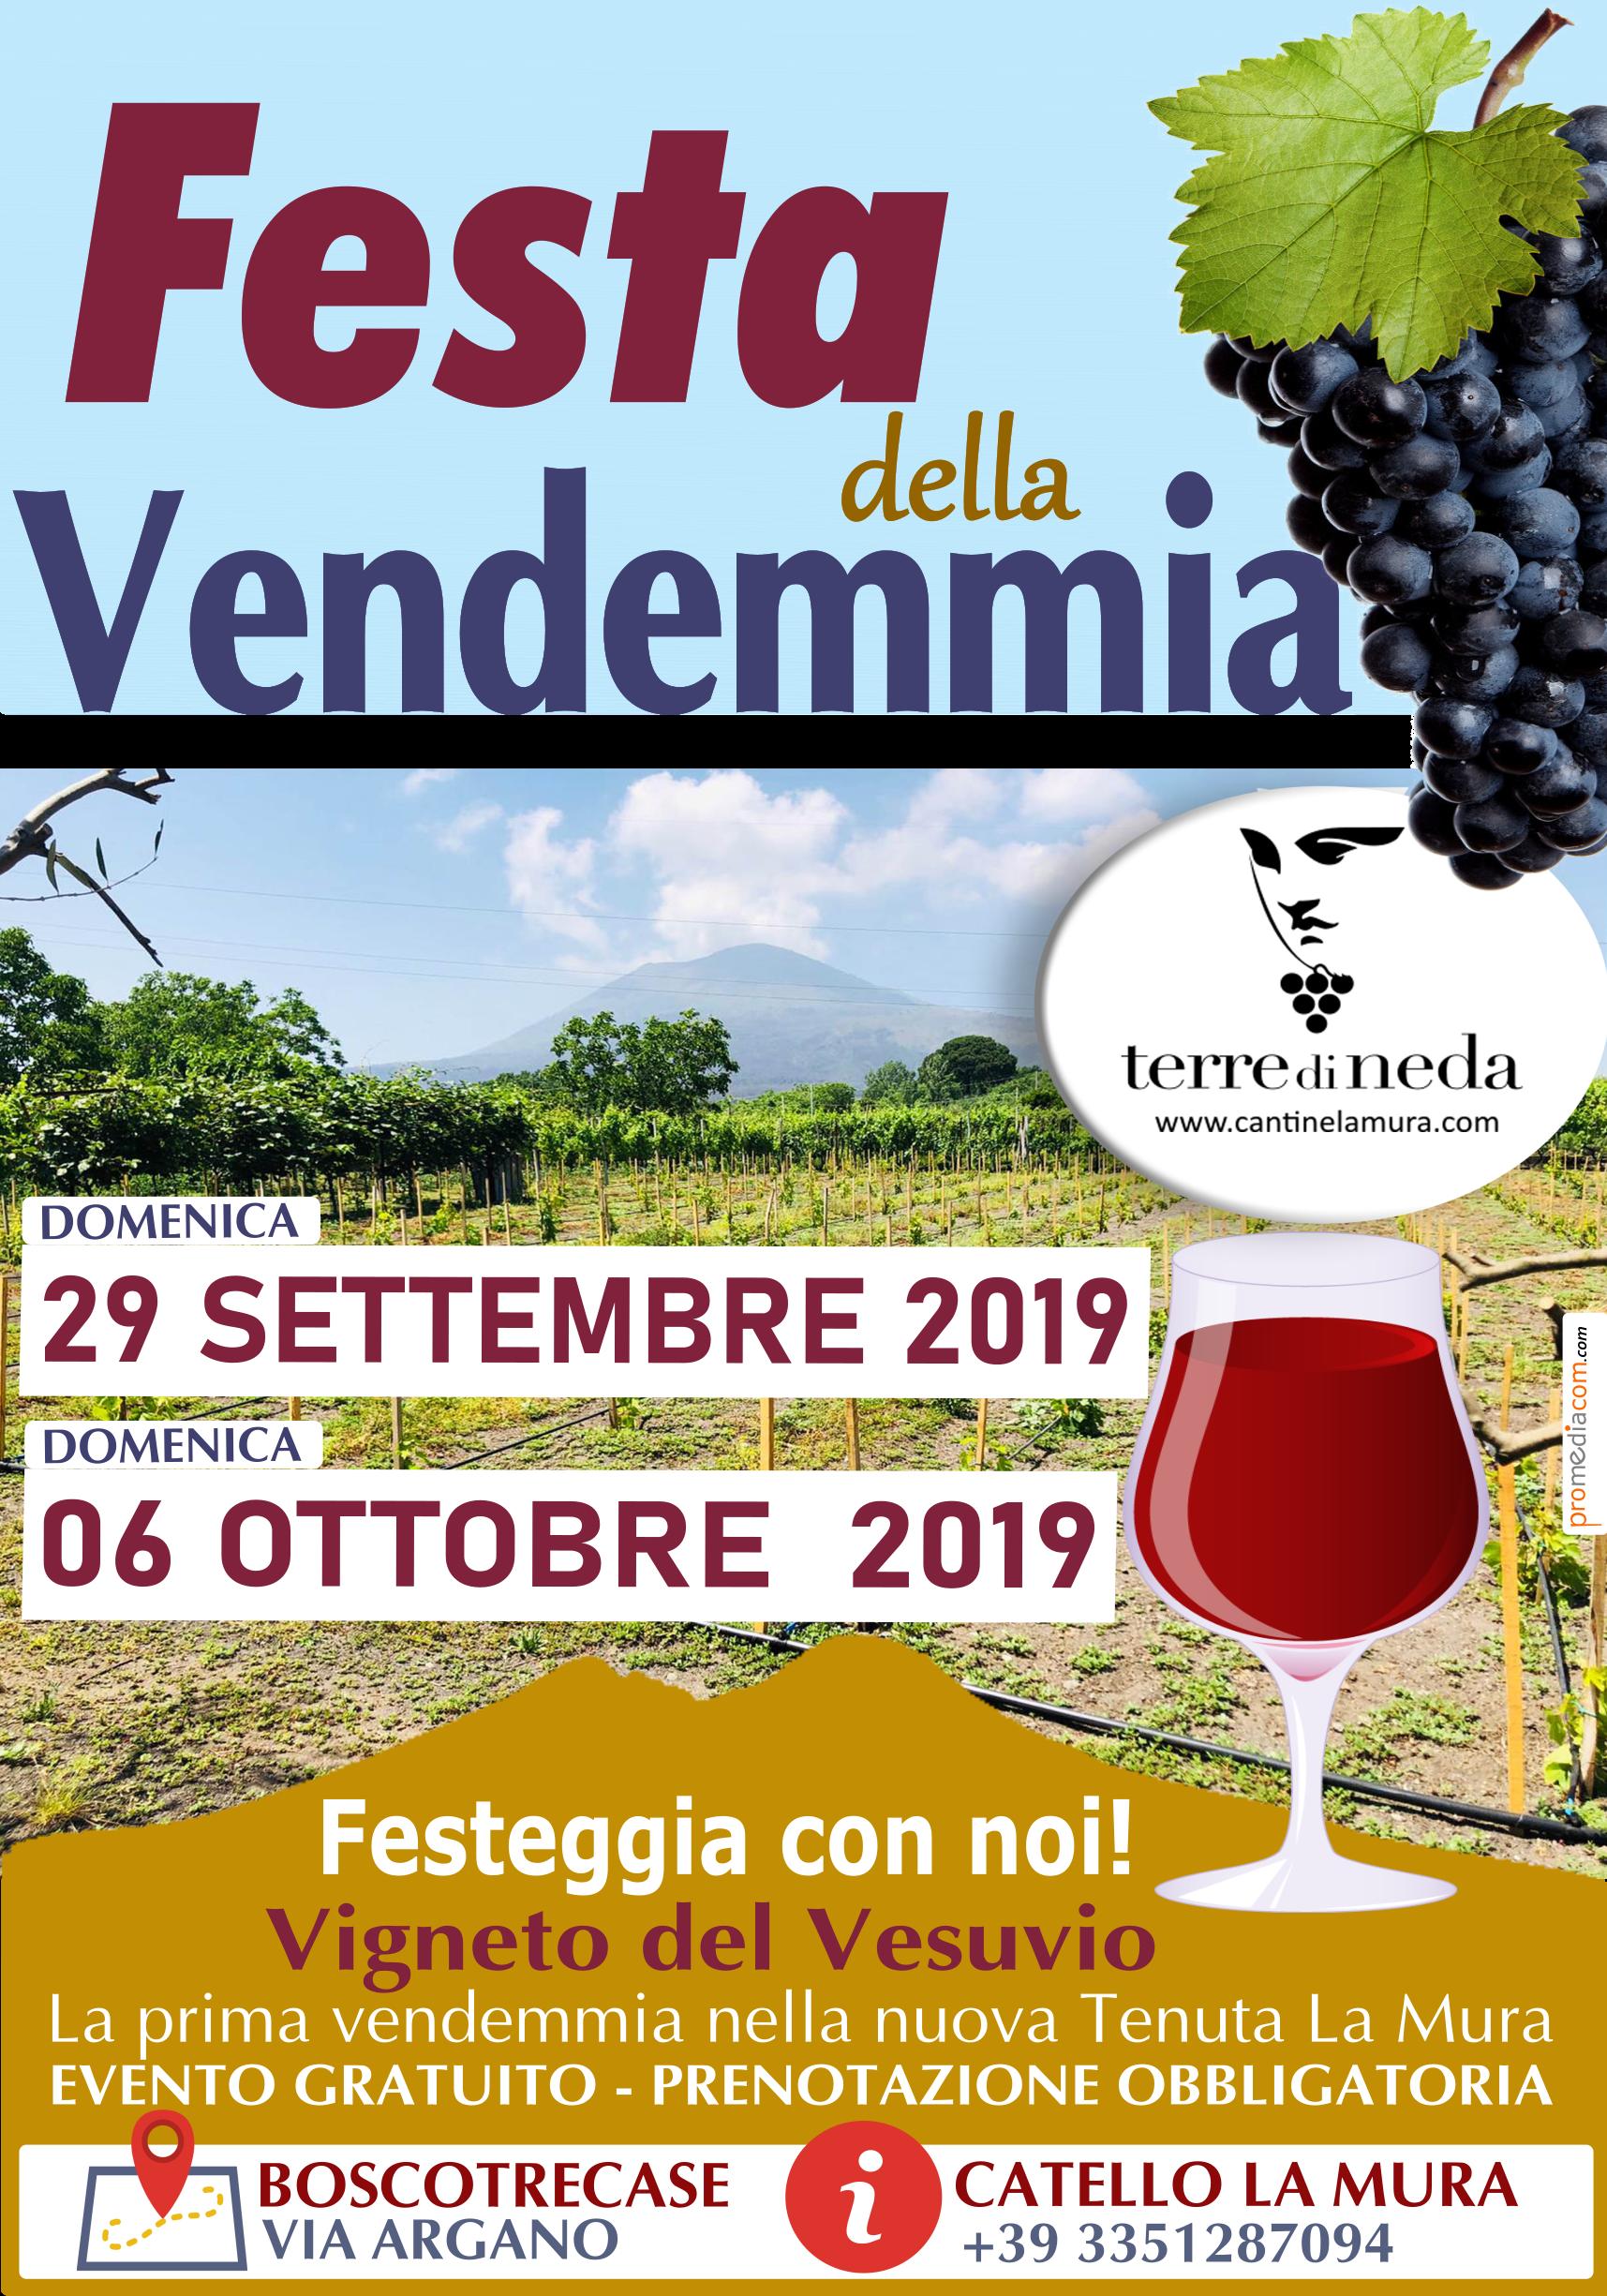 """Festa della Vendemmia nella nuova tenuta """"La Mura"""" ai piedi del Vesuvio, partecipazione  gratuita"""